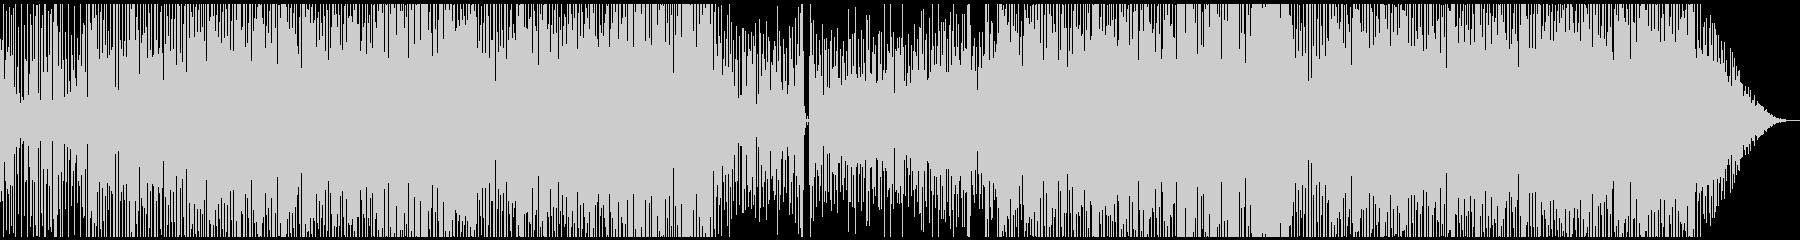 サックスの洗練されたファンクサウンドの未再生の波形